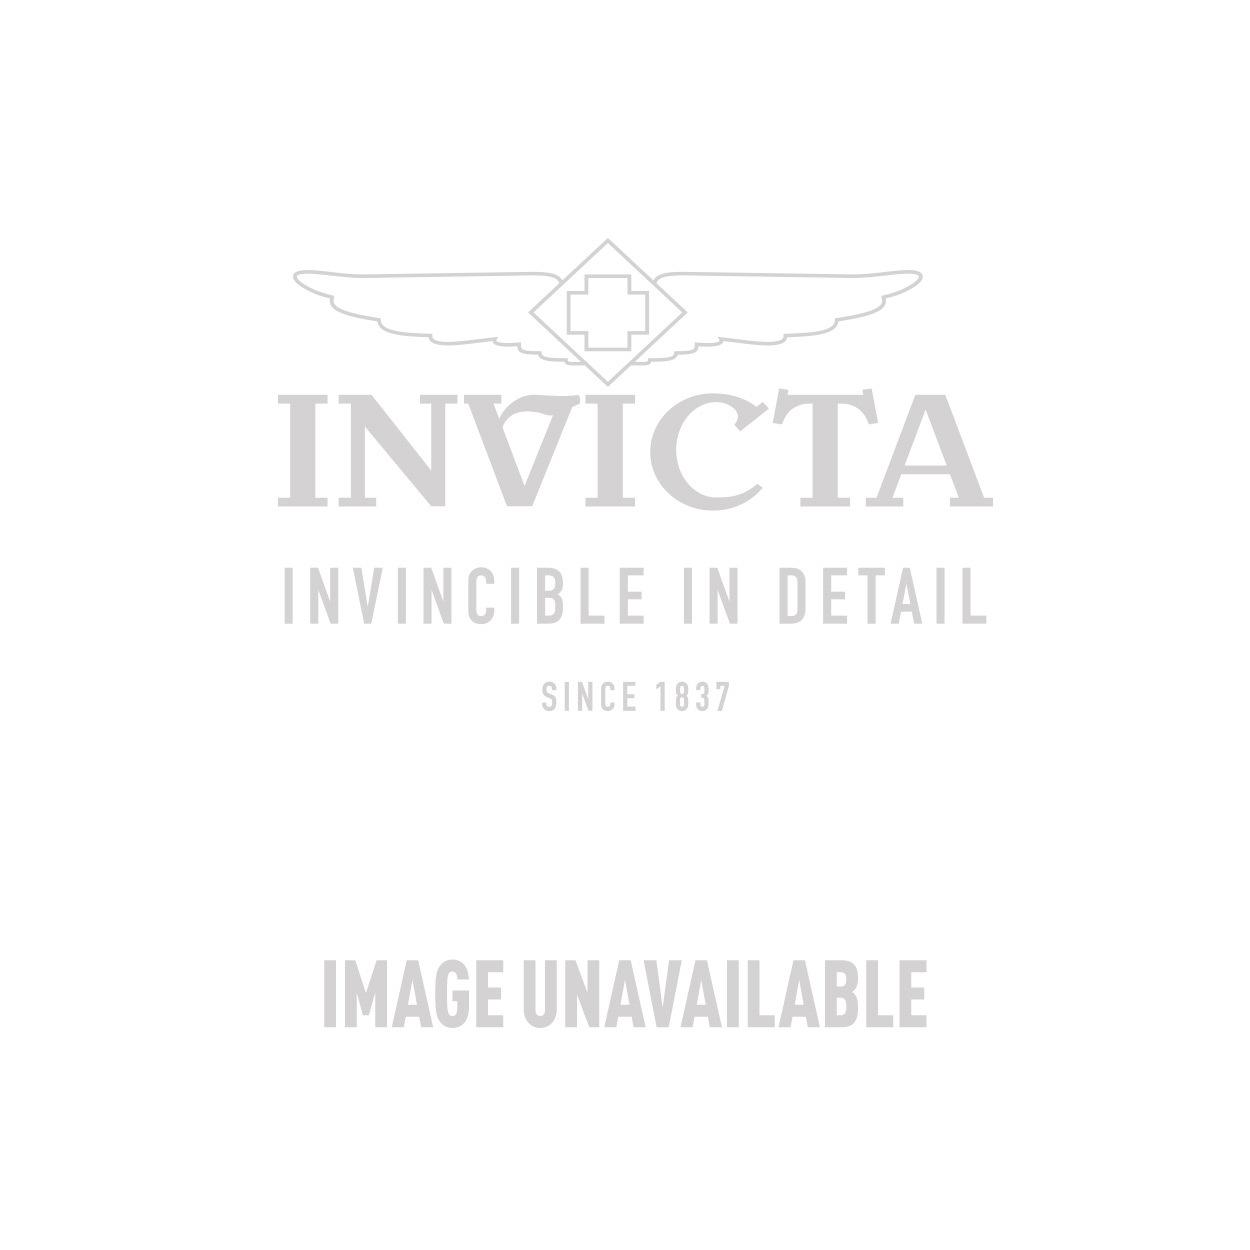 Invicta Model 25020